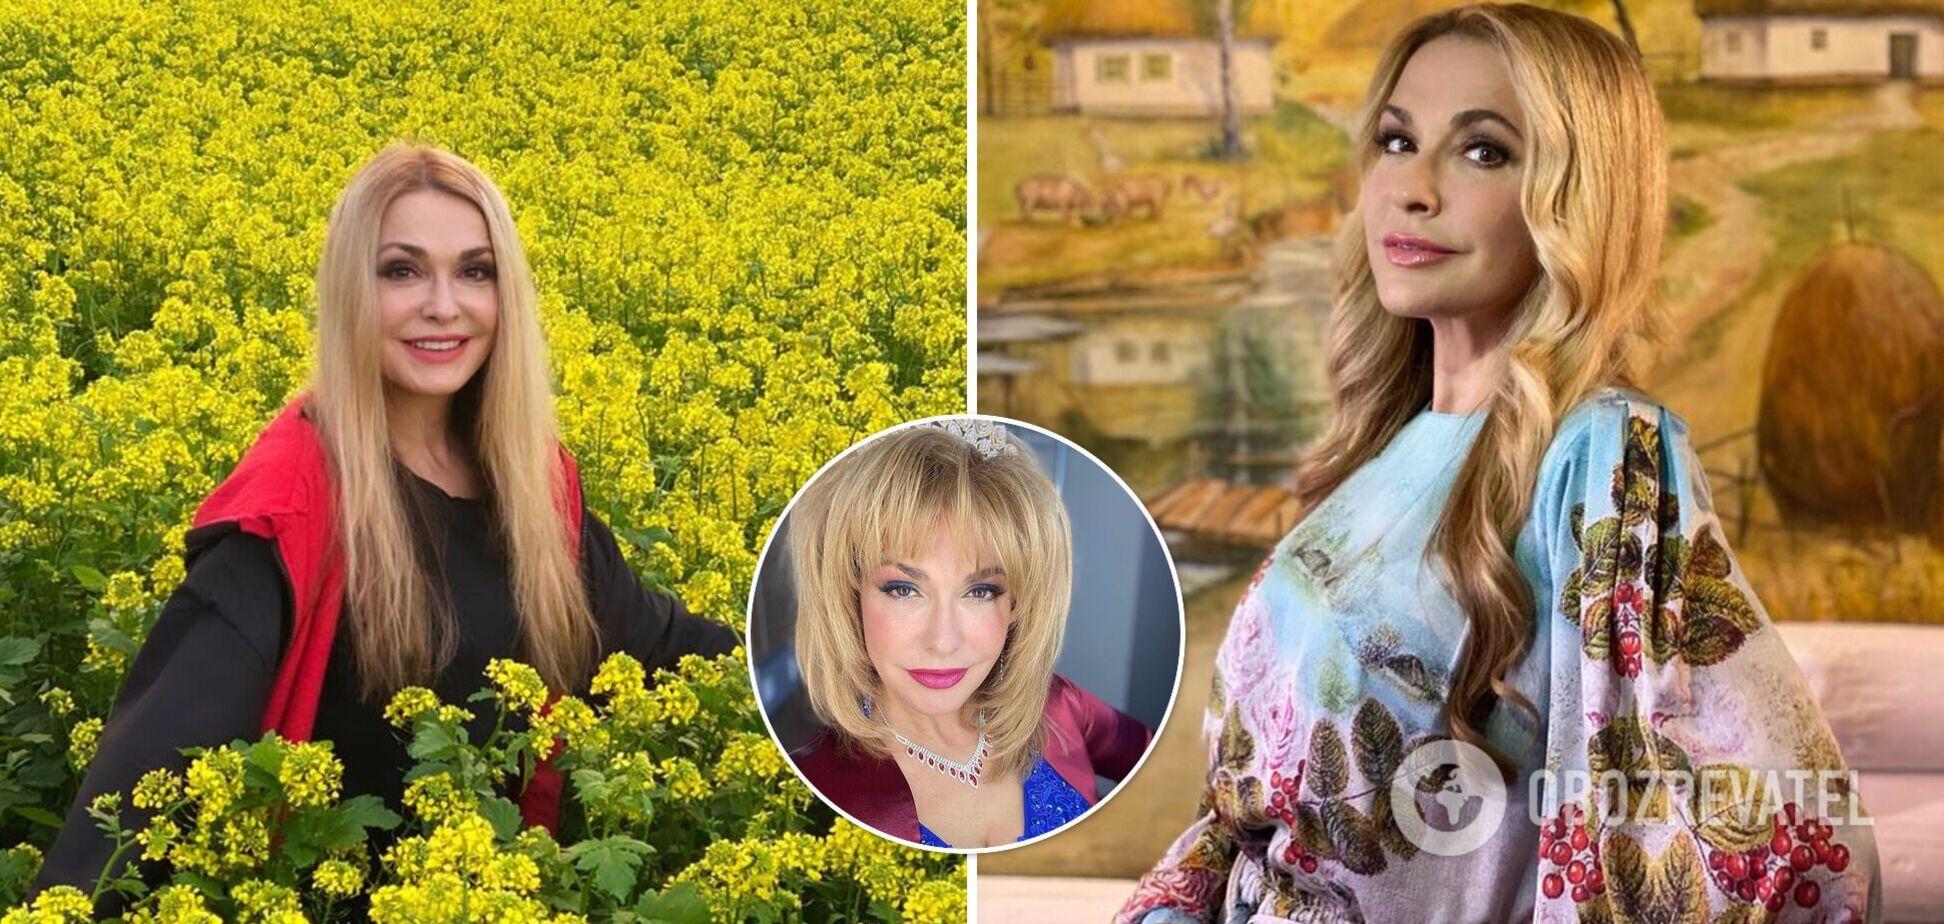 Рожева помада і сині тіні: Сумська нарядилася, як продавчиня з 90-х. Фото